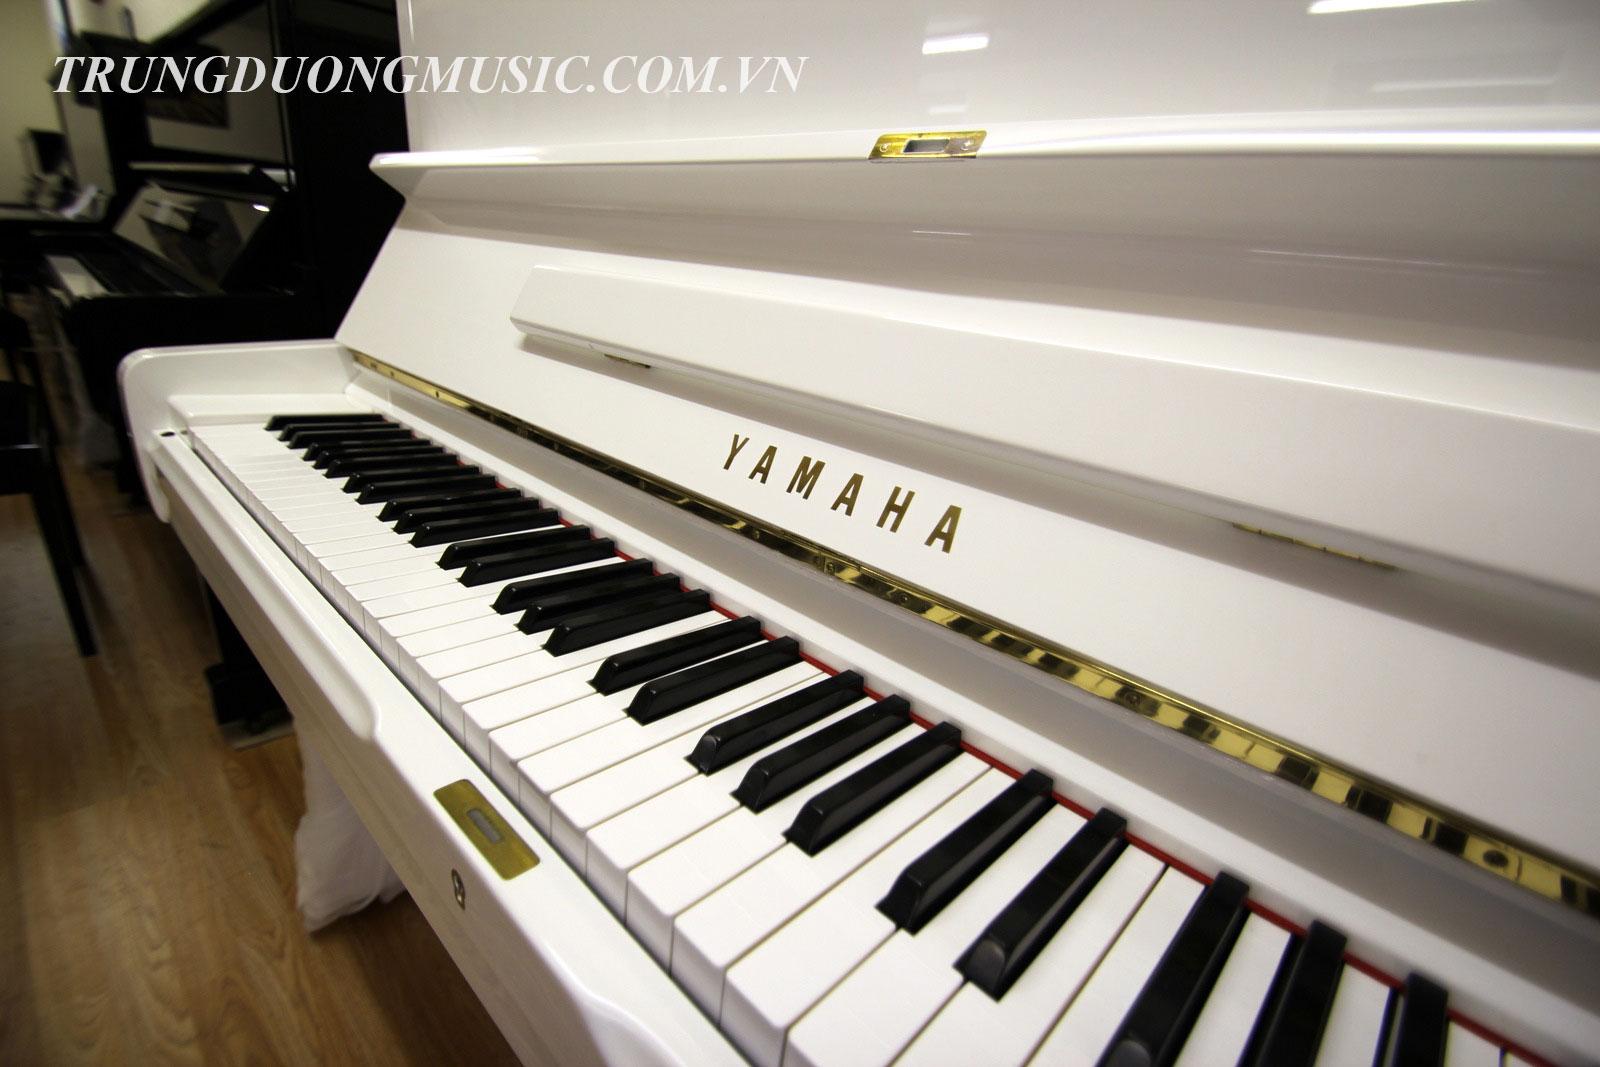 Bán đàn piano uy tín tại TPHCM